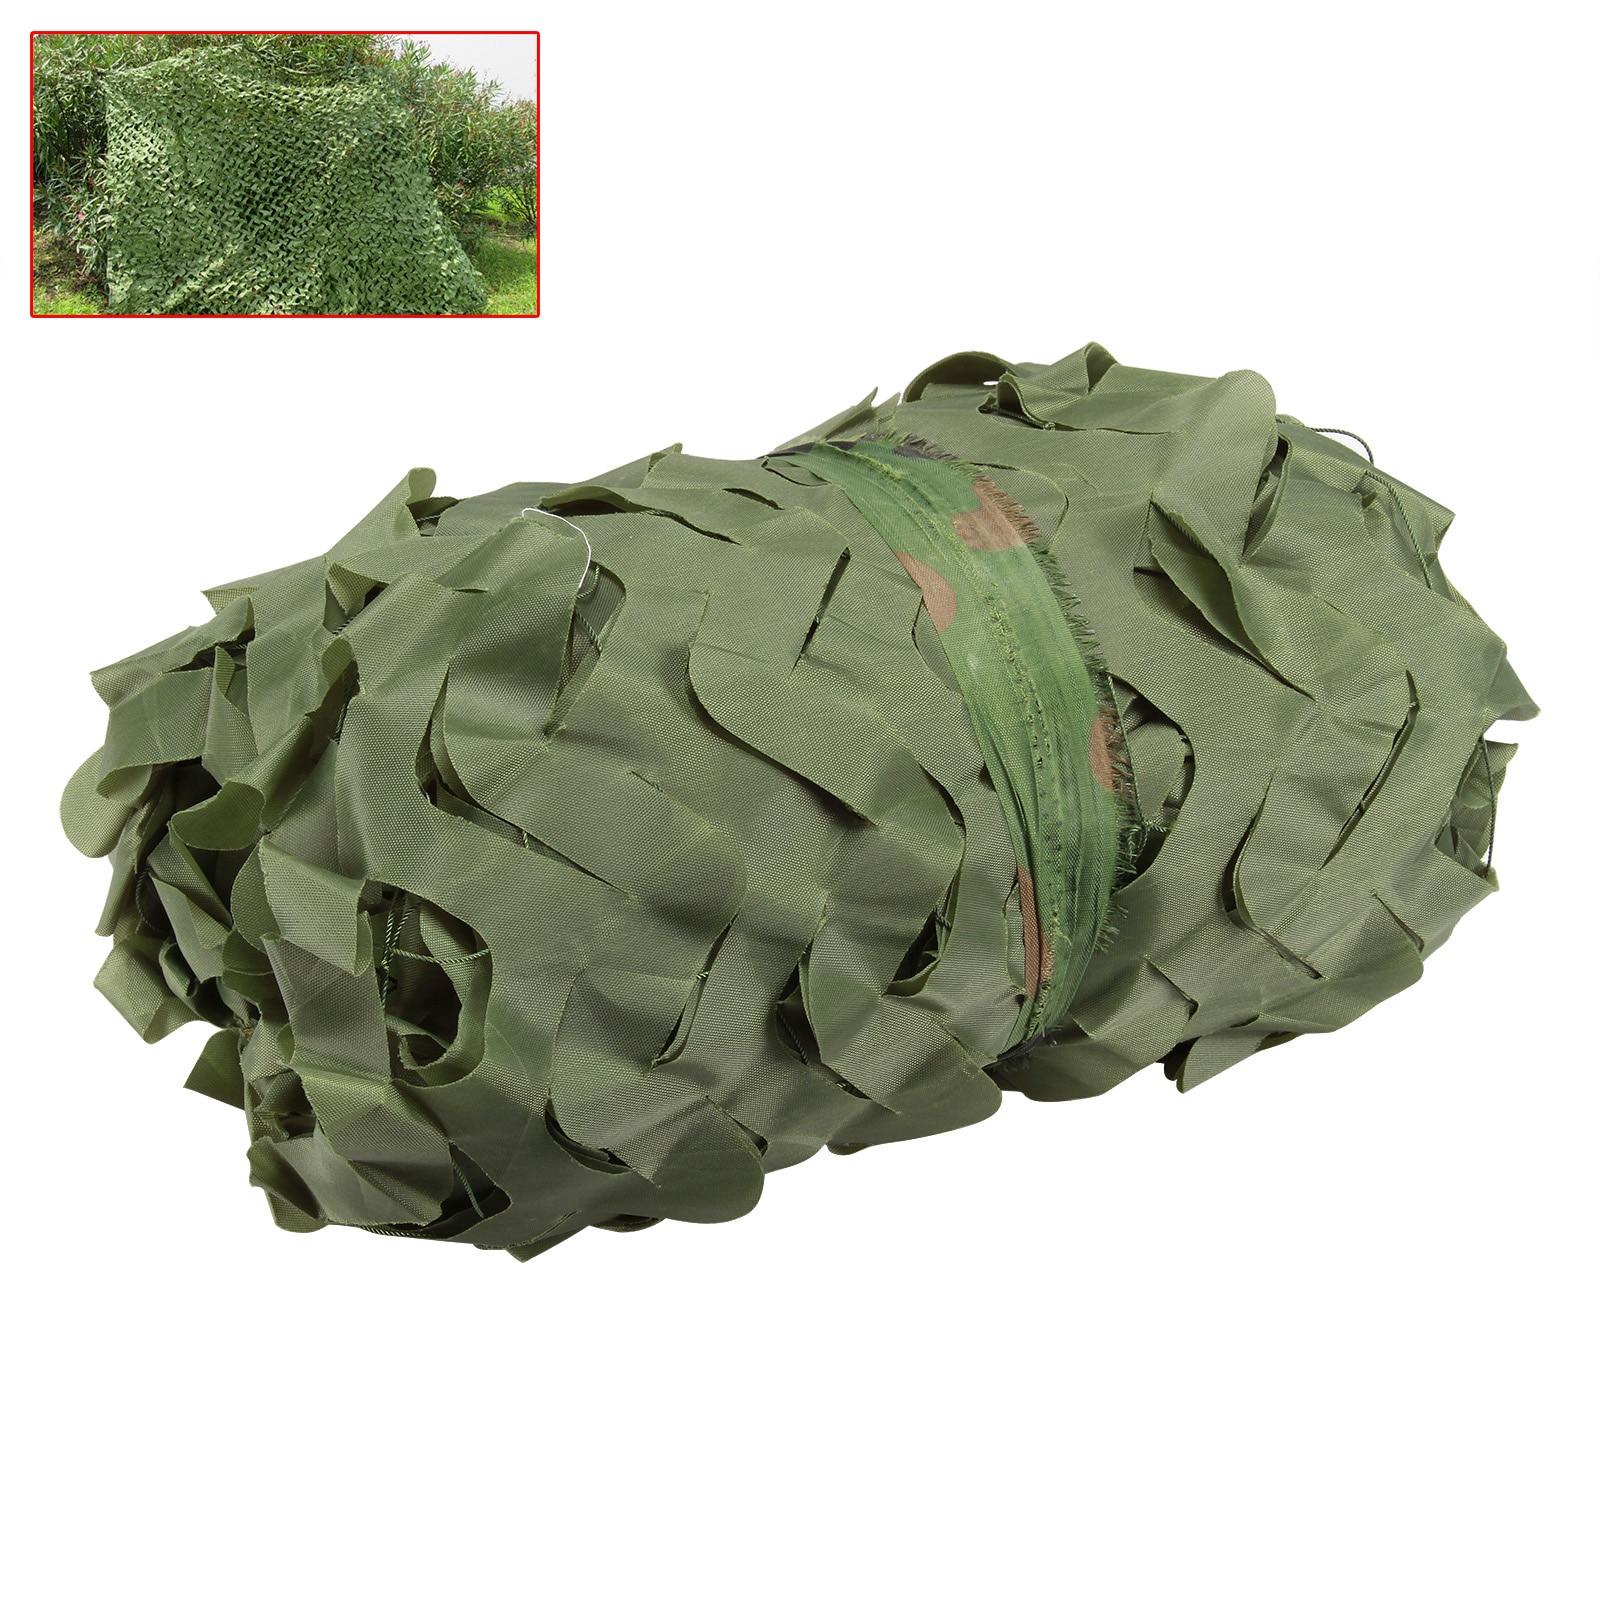 CN RU DE 3*4 m chasse Camping militaire Camouflage Net forêt Jungle feuilles Camo filet maison voiture ombre couverture 3 couleurs